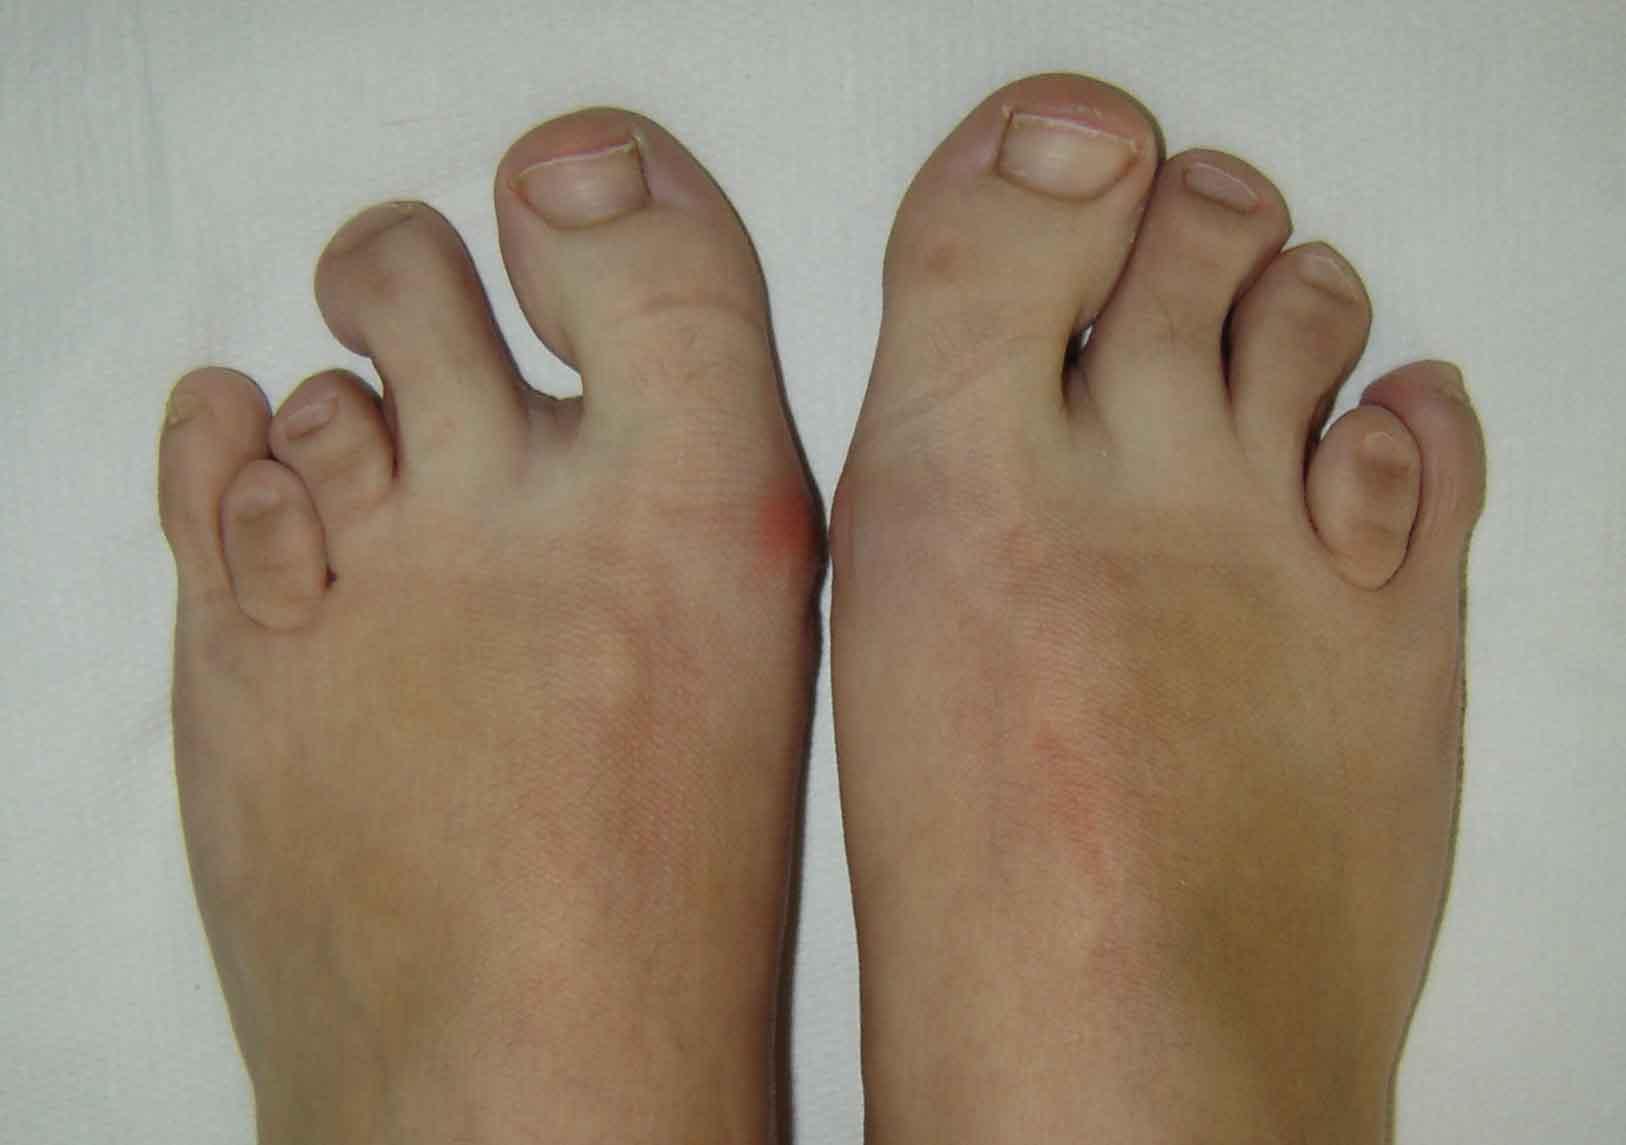 deteriorarea capsulei articulației degetului de la picior articulațiile coatelor și genunchilor doare